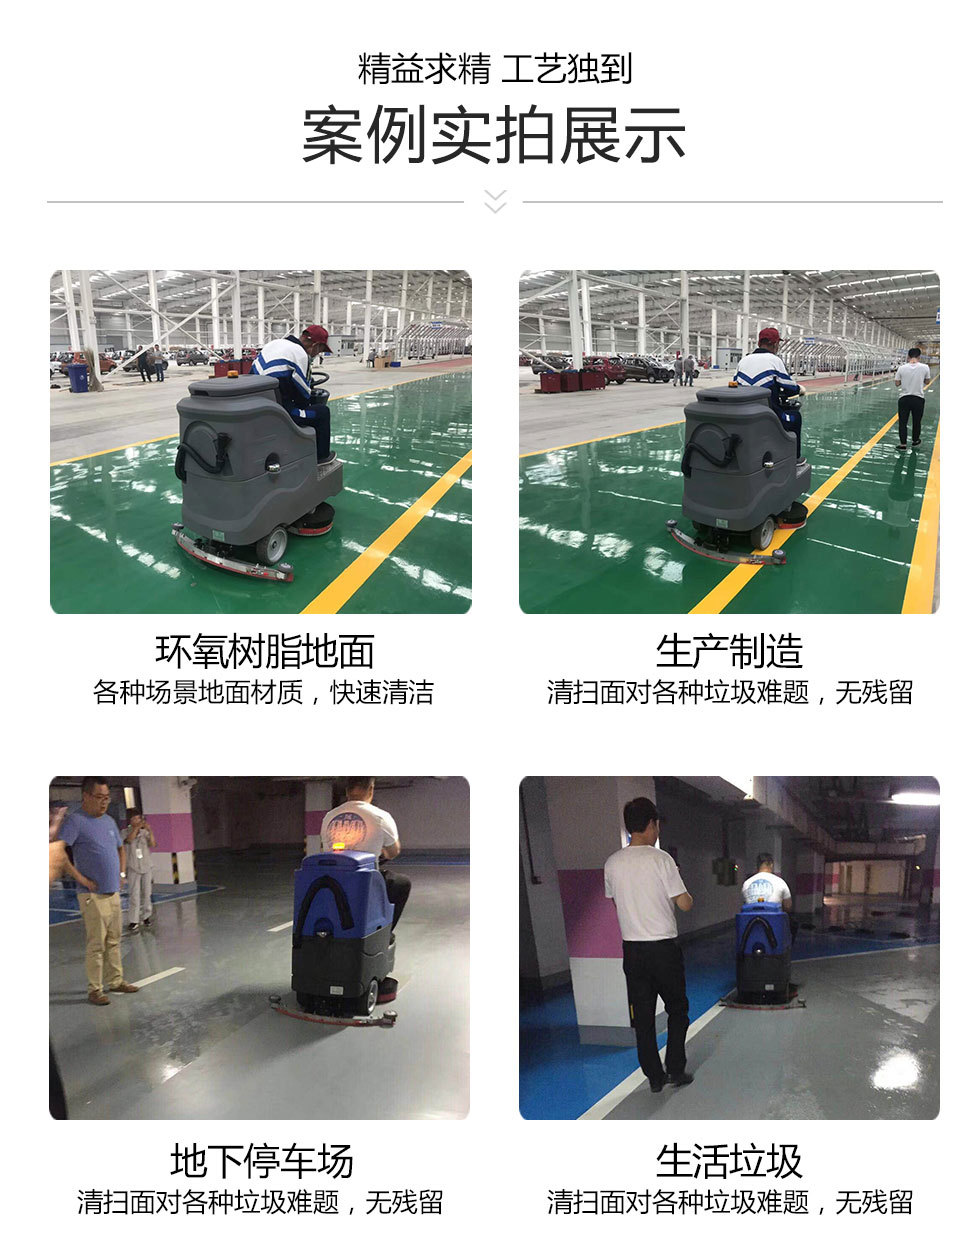 厂家直销物业小区车间用扫地机 加长型高容量续航强 驾驶式扫地车示例图9